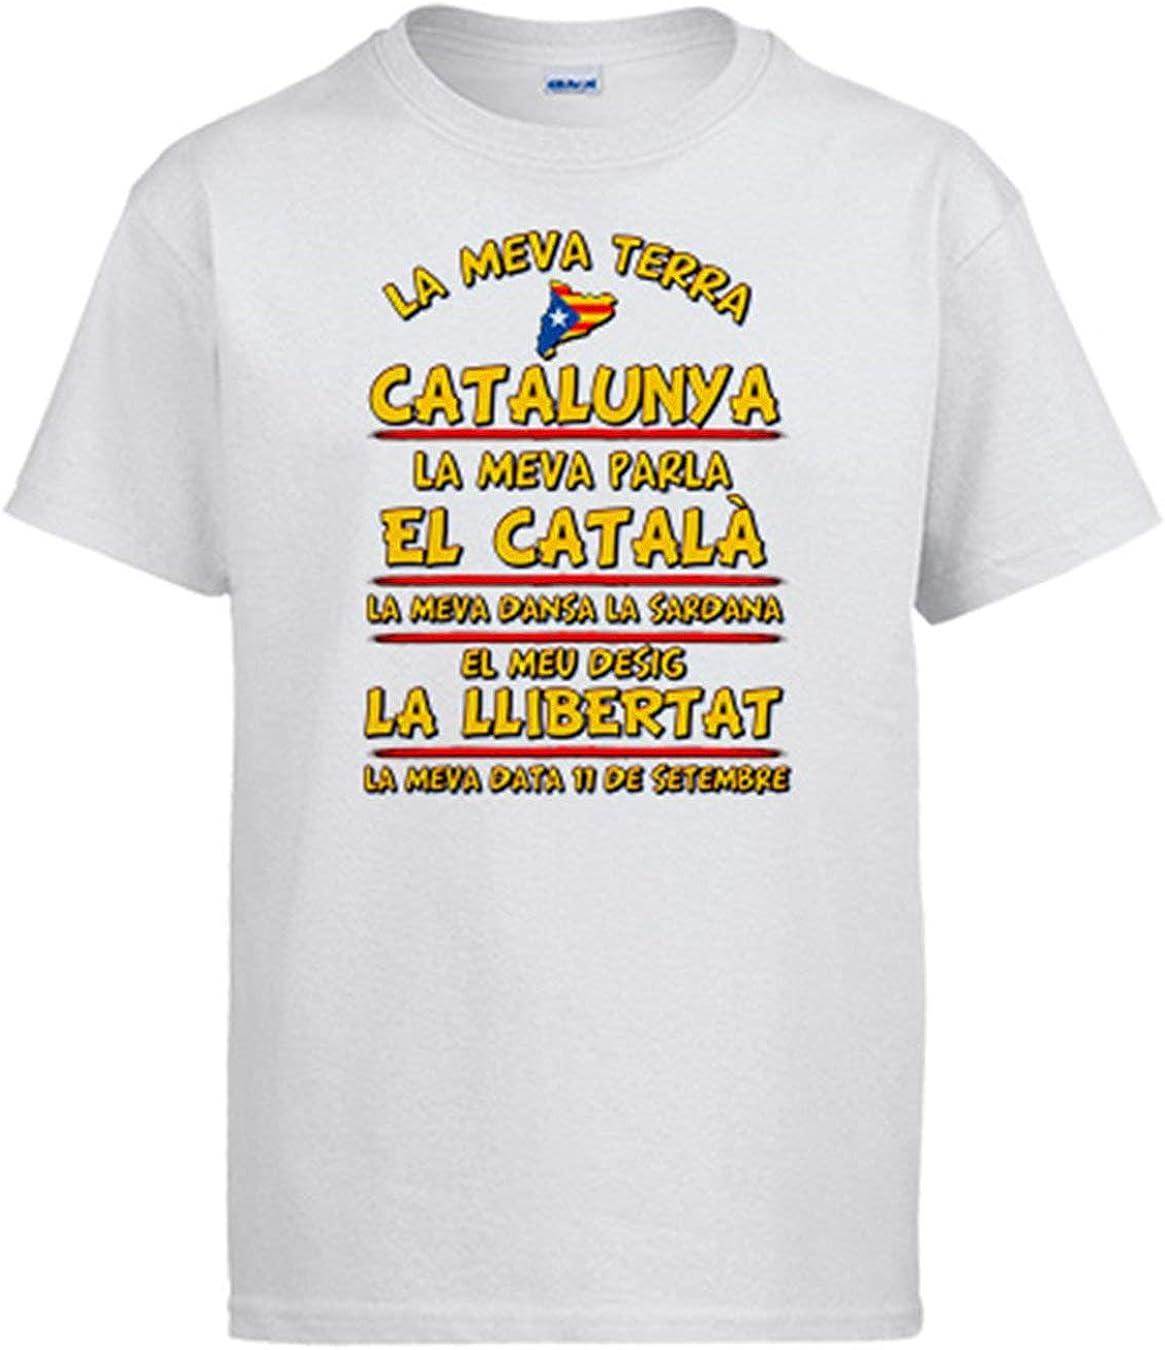 Diver Camisetas Camiseta La meva Terra Catalunya: Amazon.es: Ropa y accesorios